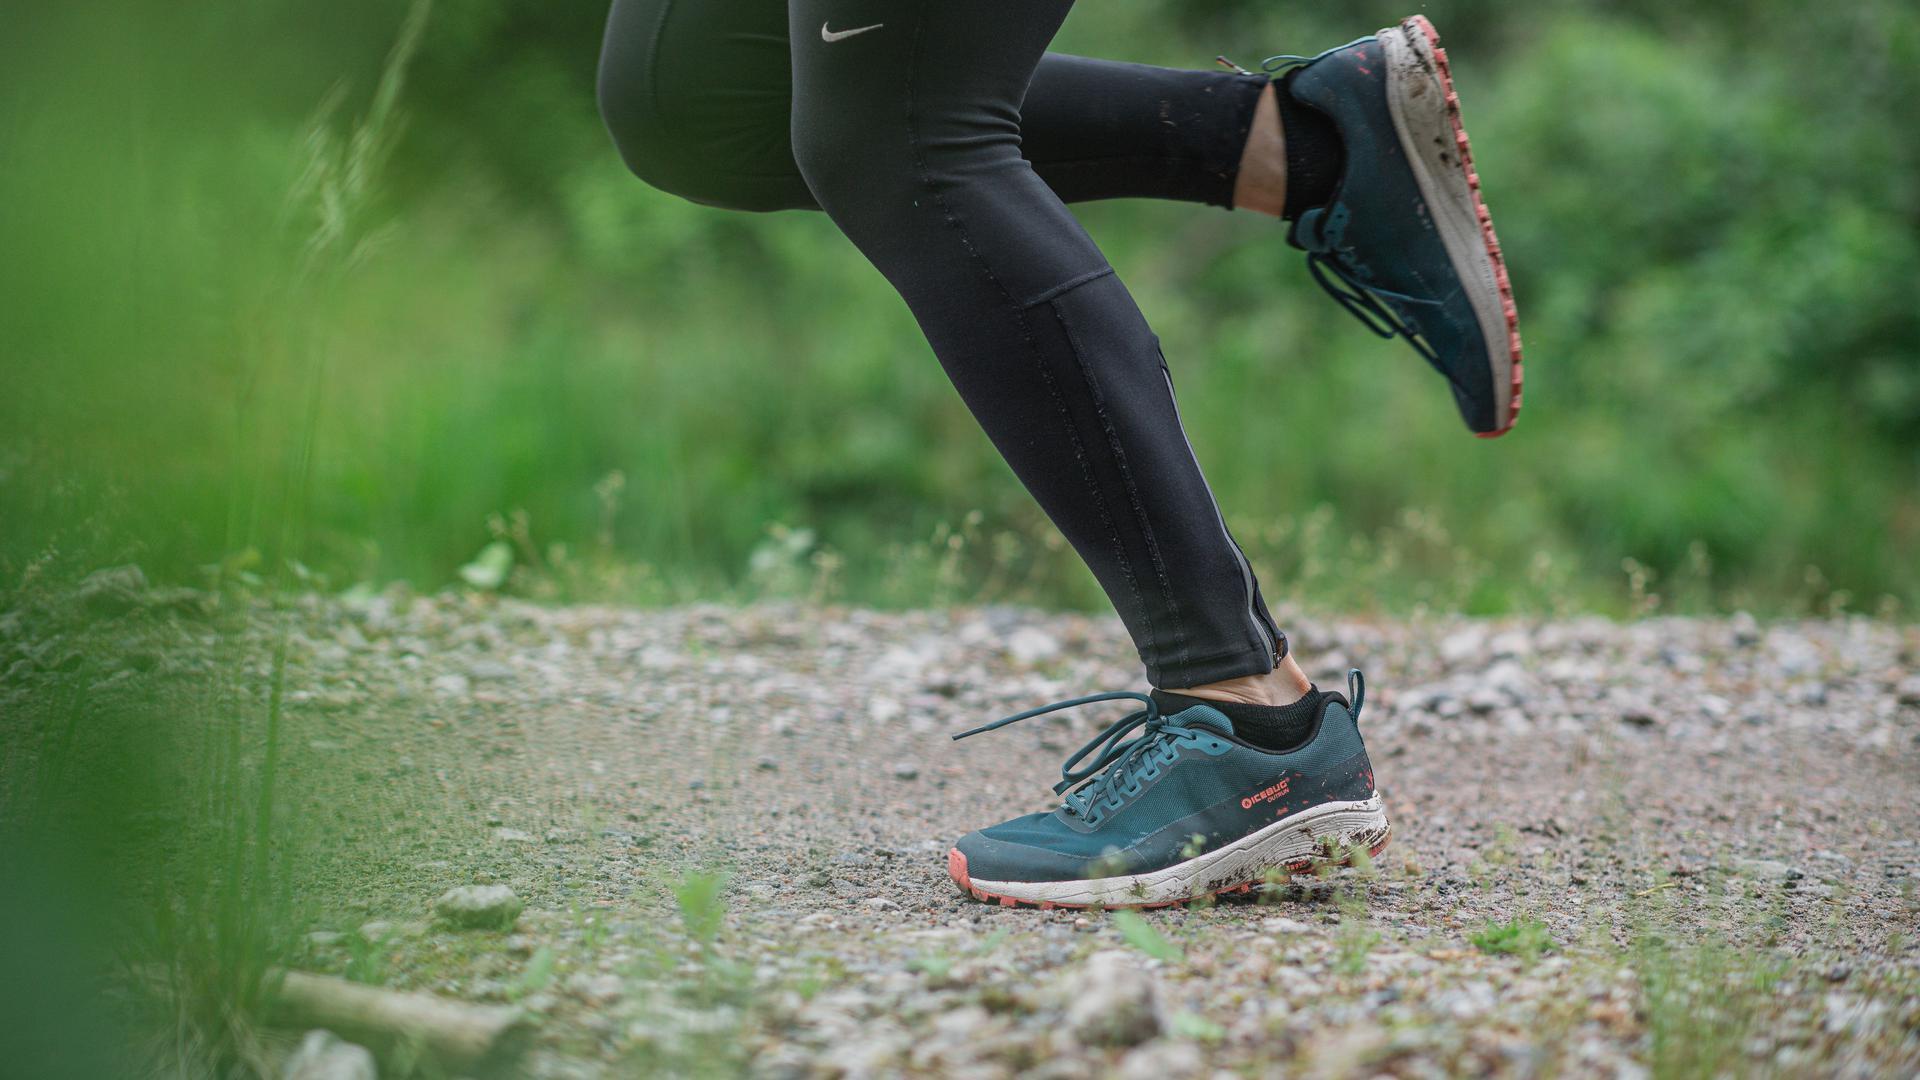 Zum Themendienst-Bericht von Tom Nebe vom 23. September 2020: Trail-Running-Schuhe werden oft stärker beansprucht als normale Laufschuhe und haben tendenziell einen höheren Verschleiß.